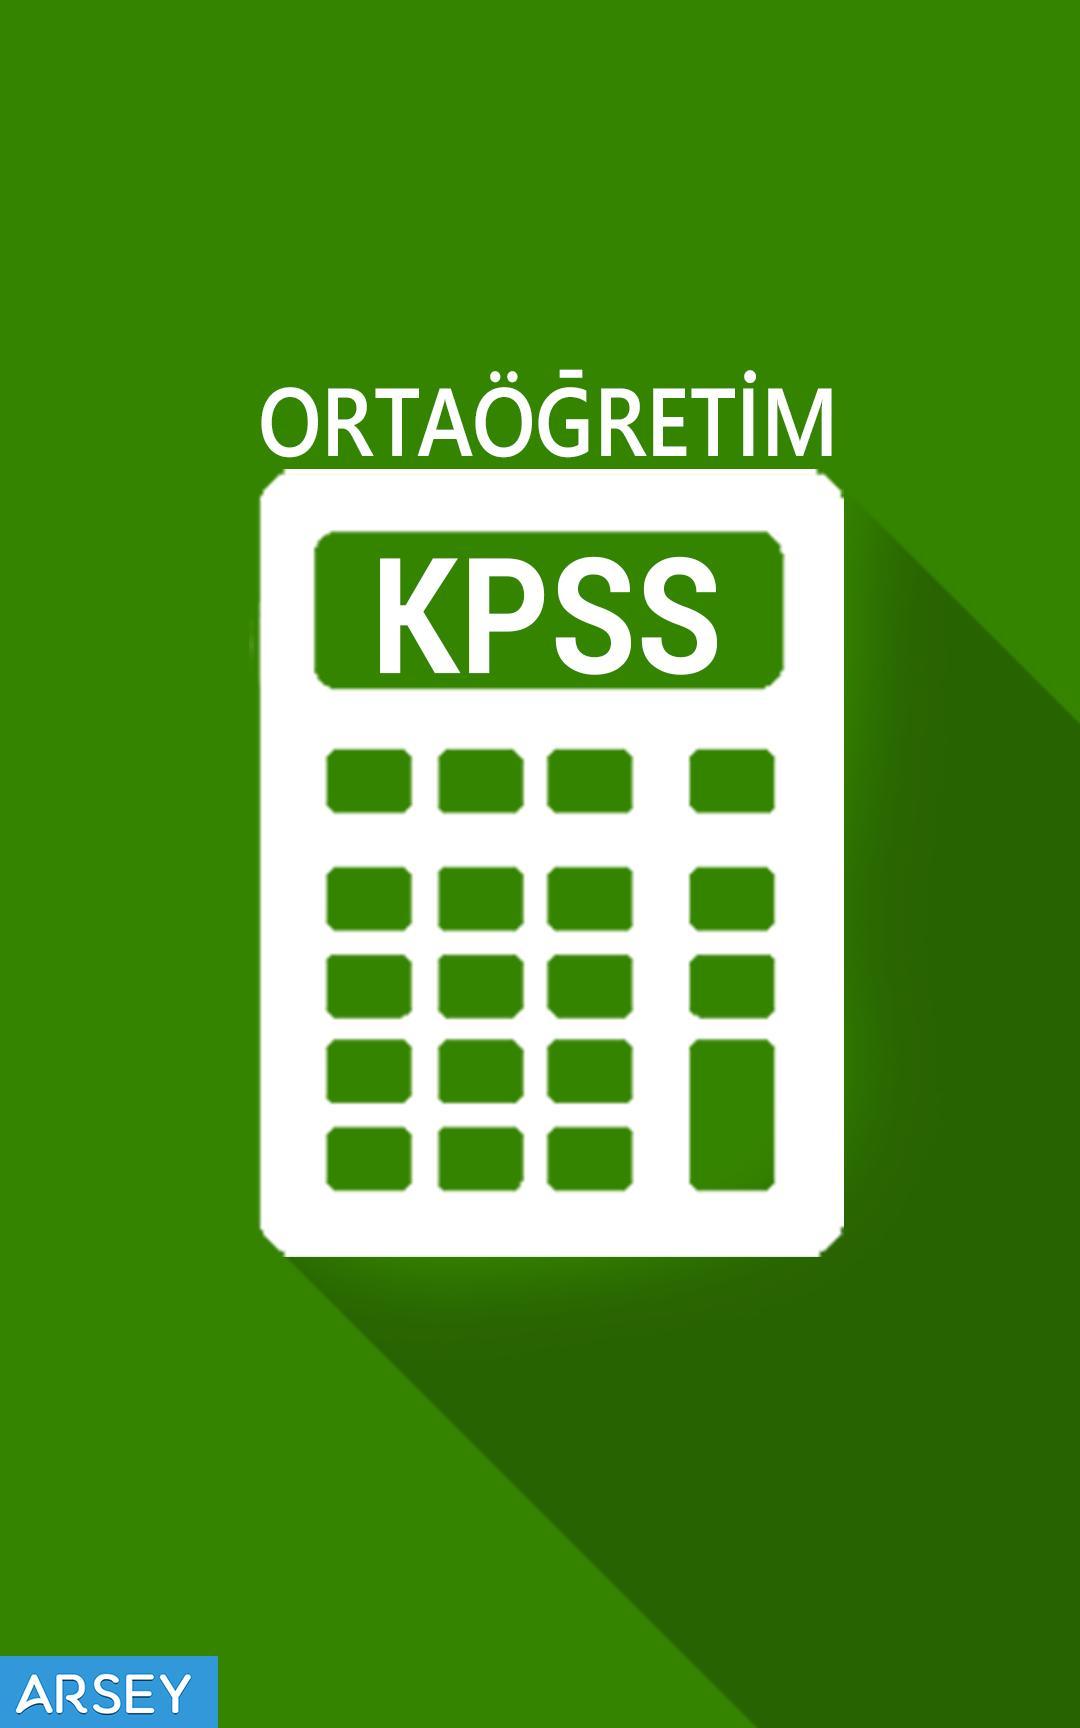 Android için KPSS Ortaöğretim Puan Hesaplama - APK'yı İndir